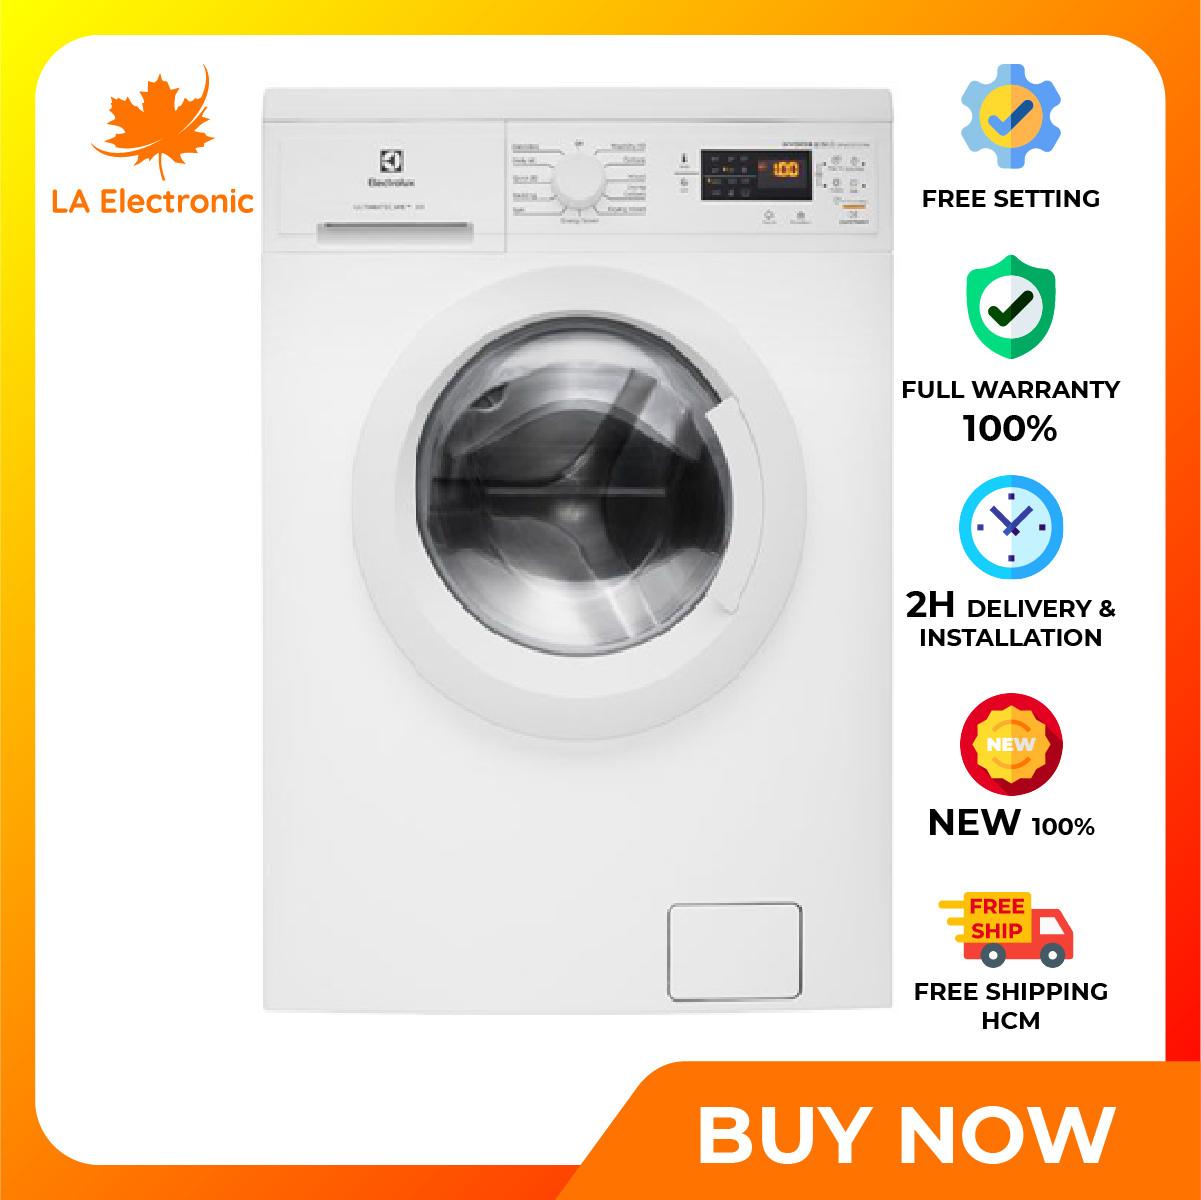 Trả Góp 0% – Máy giặt sấy – Electrolux 8Kg Washing Machine + 5Kg Dryer EWW8025DGWA, thiết kế thông minh, công nghệ hiện đại, hoạt động mạnh mẽ và bền bỉ, có chế độ bảo hành và xuất xứ rõ ràng – Miễn phí vận chuyển HCM